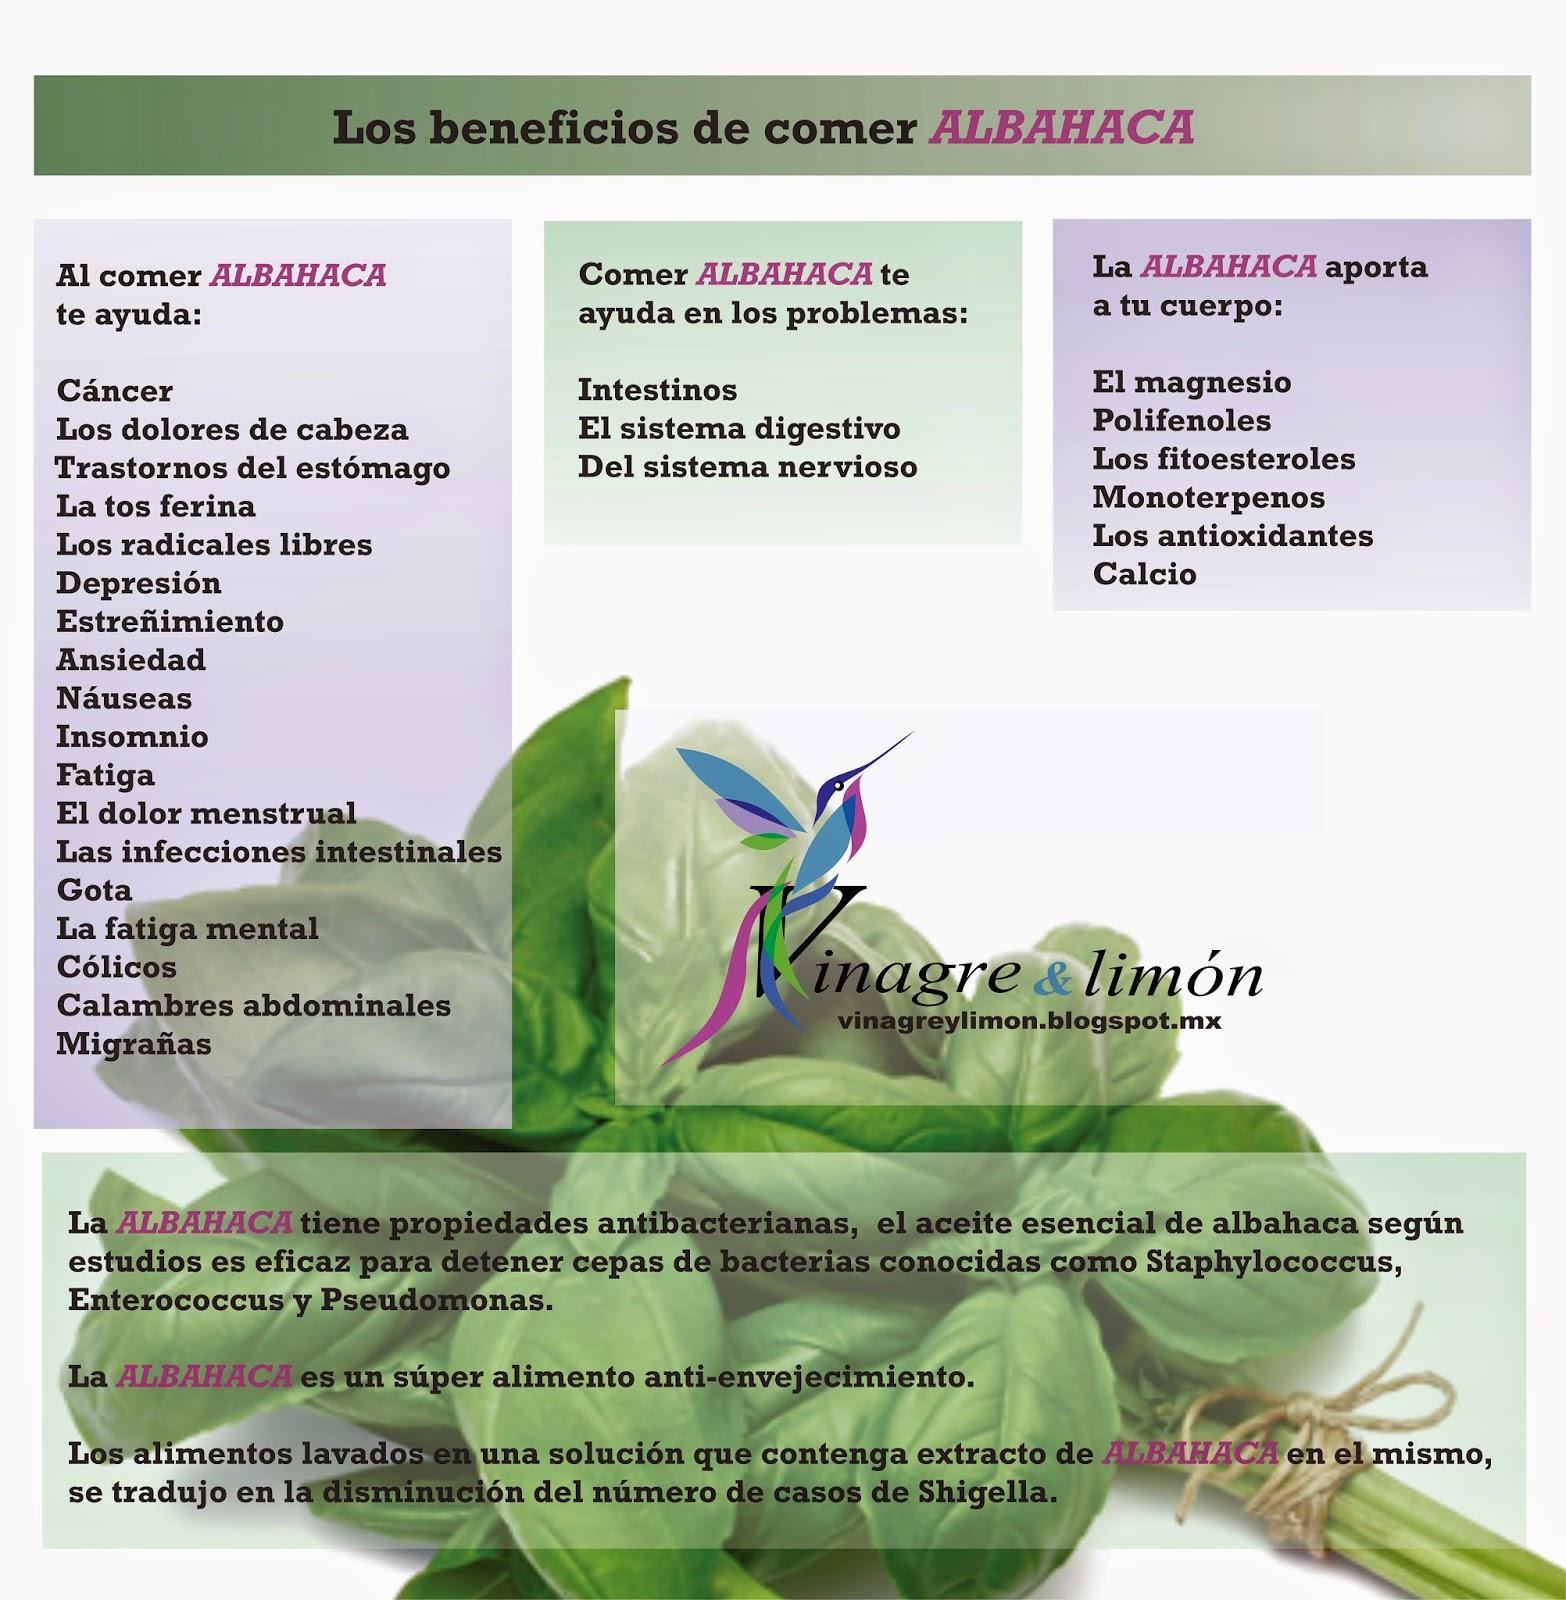 ejercicios para personas con acido urico acido urico elevado y tratamiento el acido urico produce fiebre